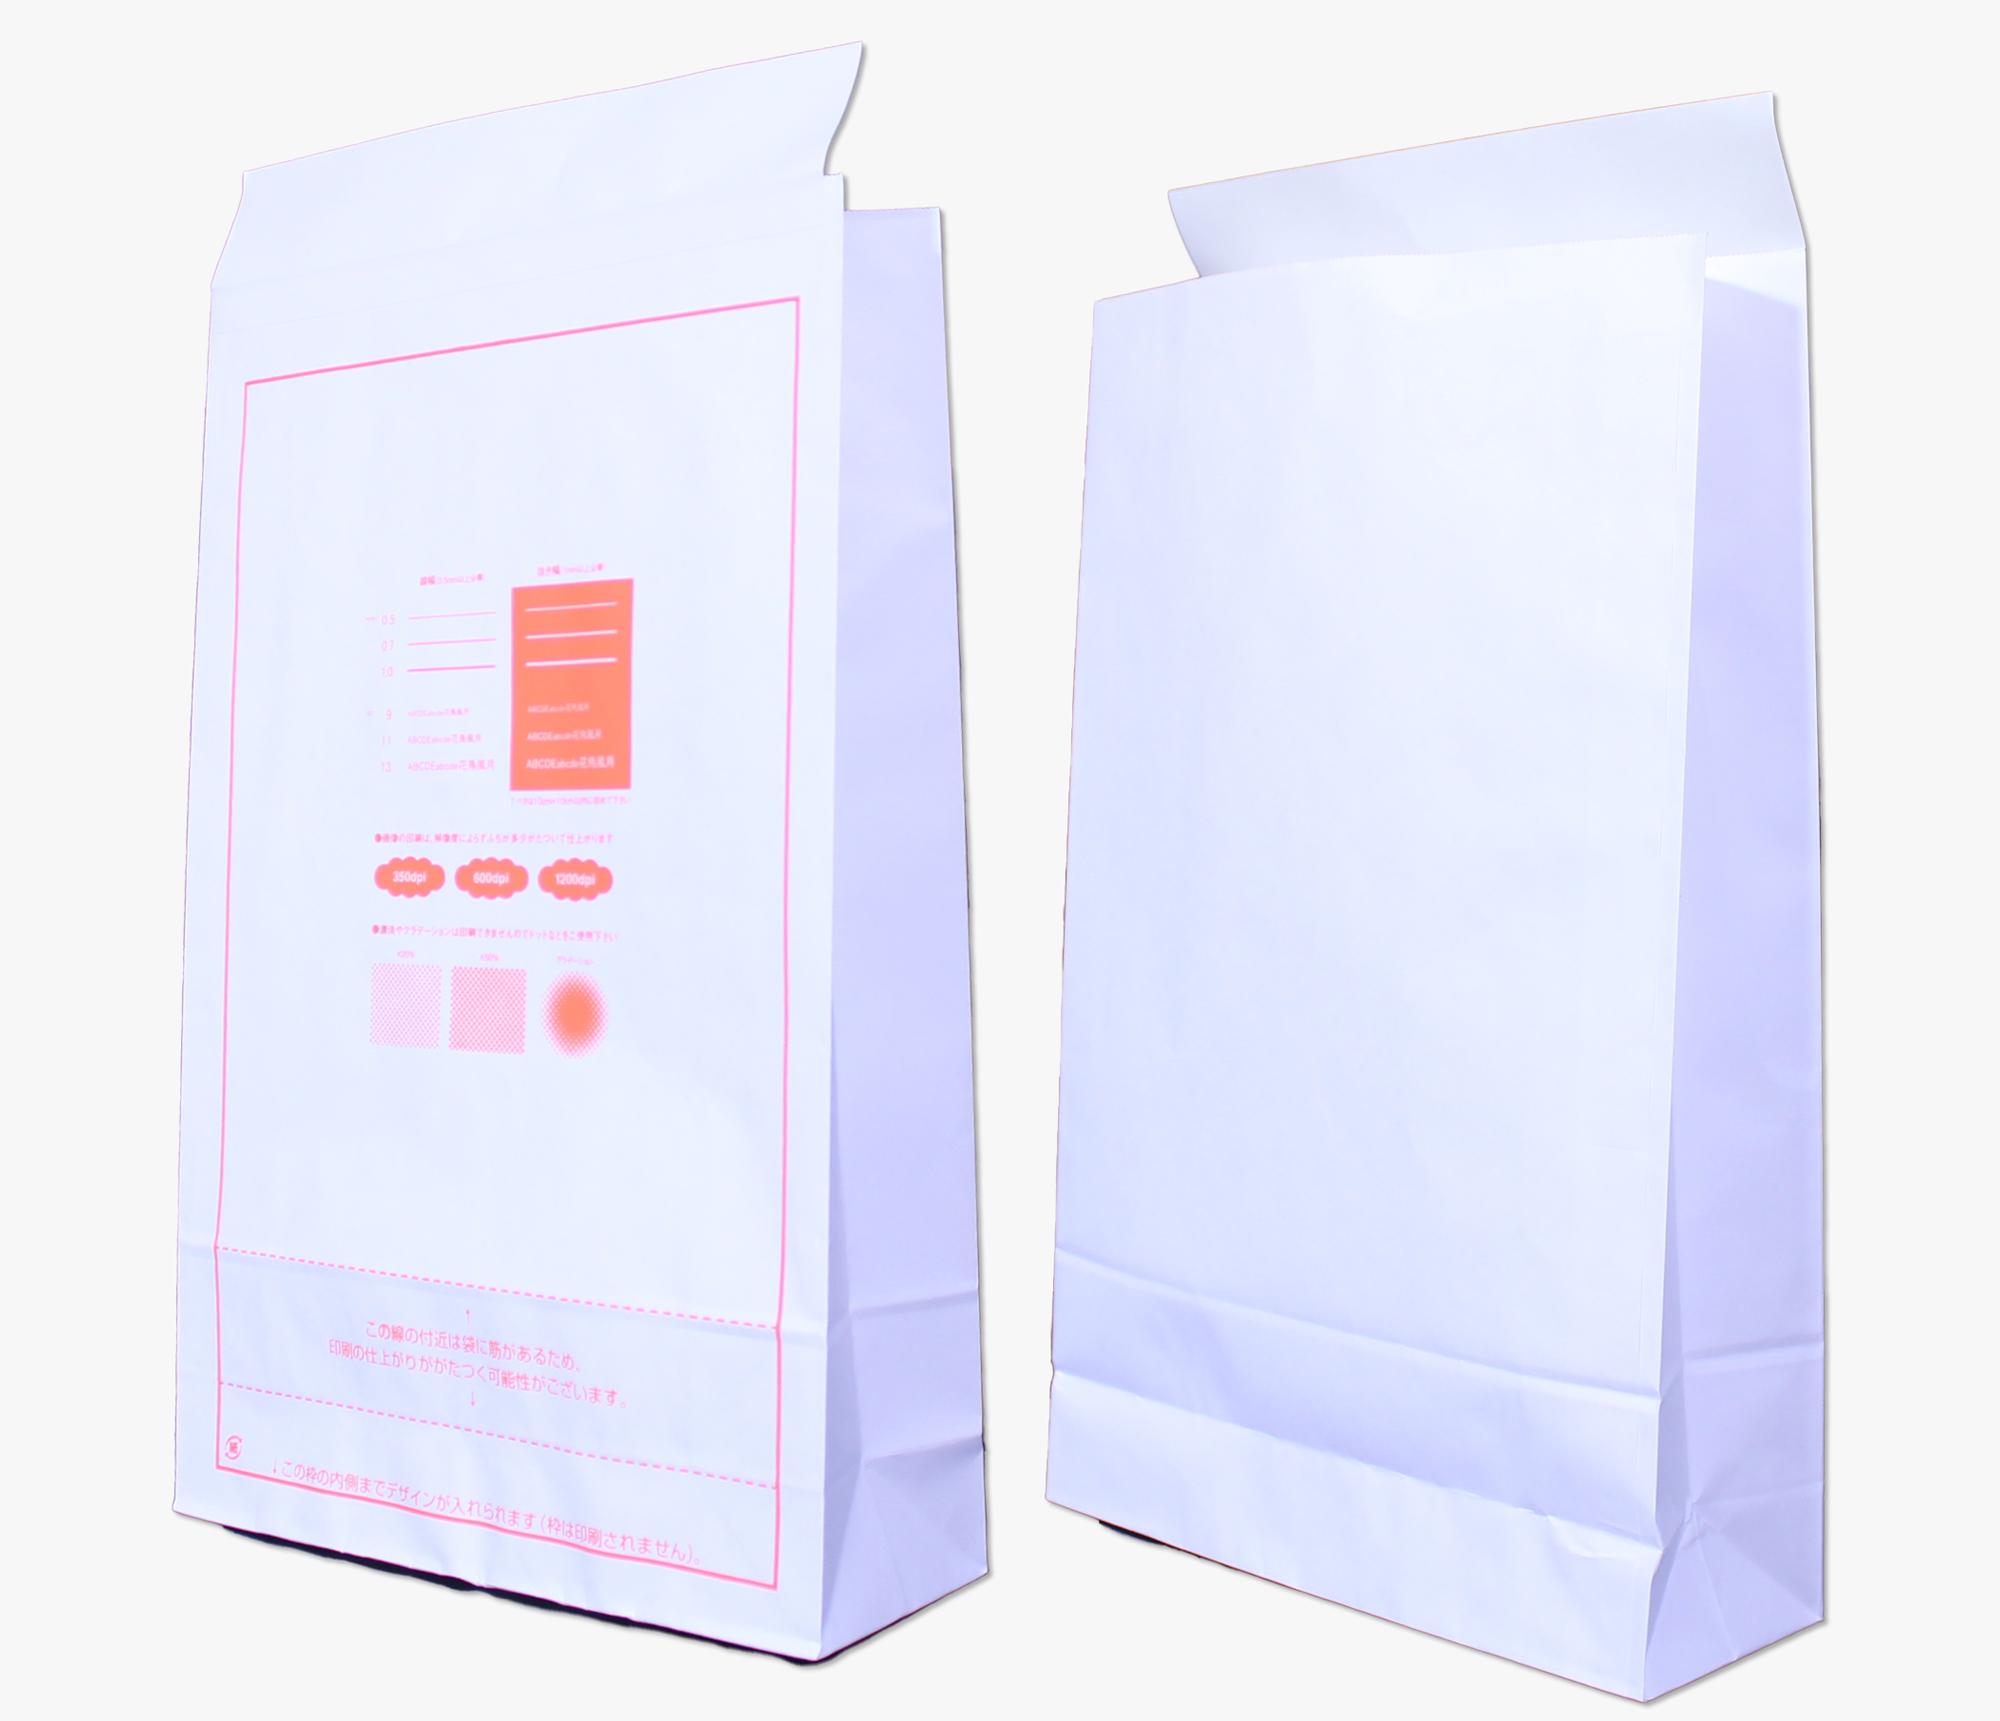 ワンポイント宅配紙袋(片艶晒クラフト)Lサイズのサンプルイメージ画像1